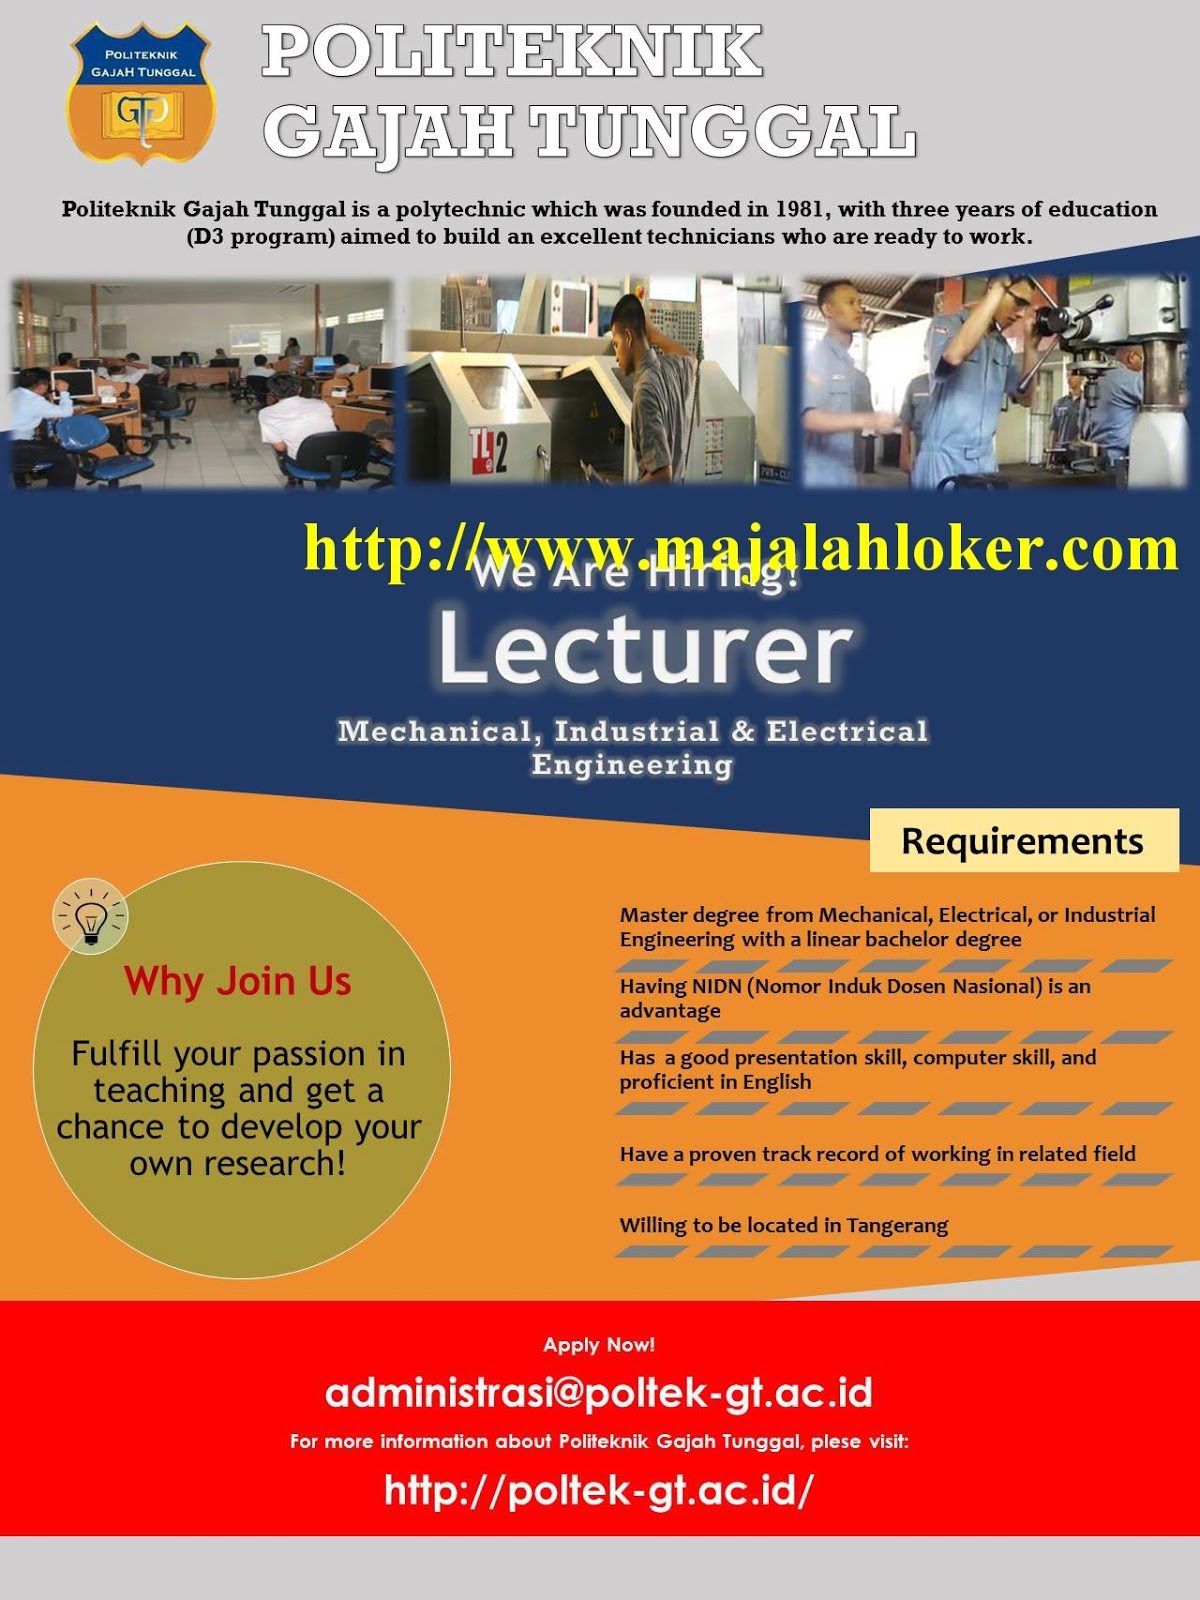 Lowongan Dosen Mecahnical, Industrial & Electrical Engineering Politeknik Gajah Tunggal (Poltek GT) Tangerang